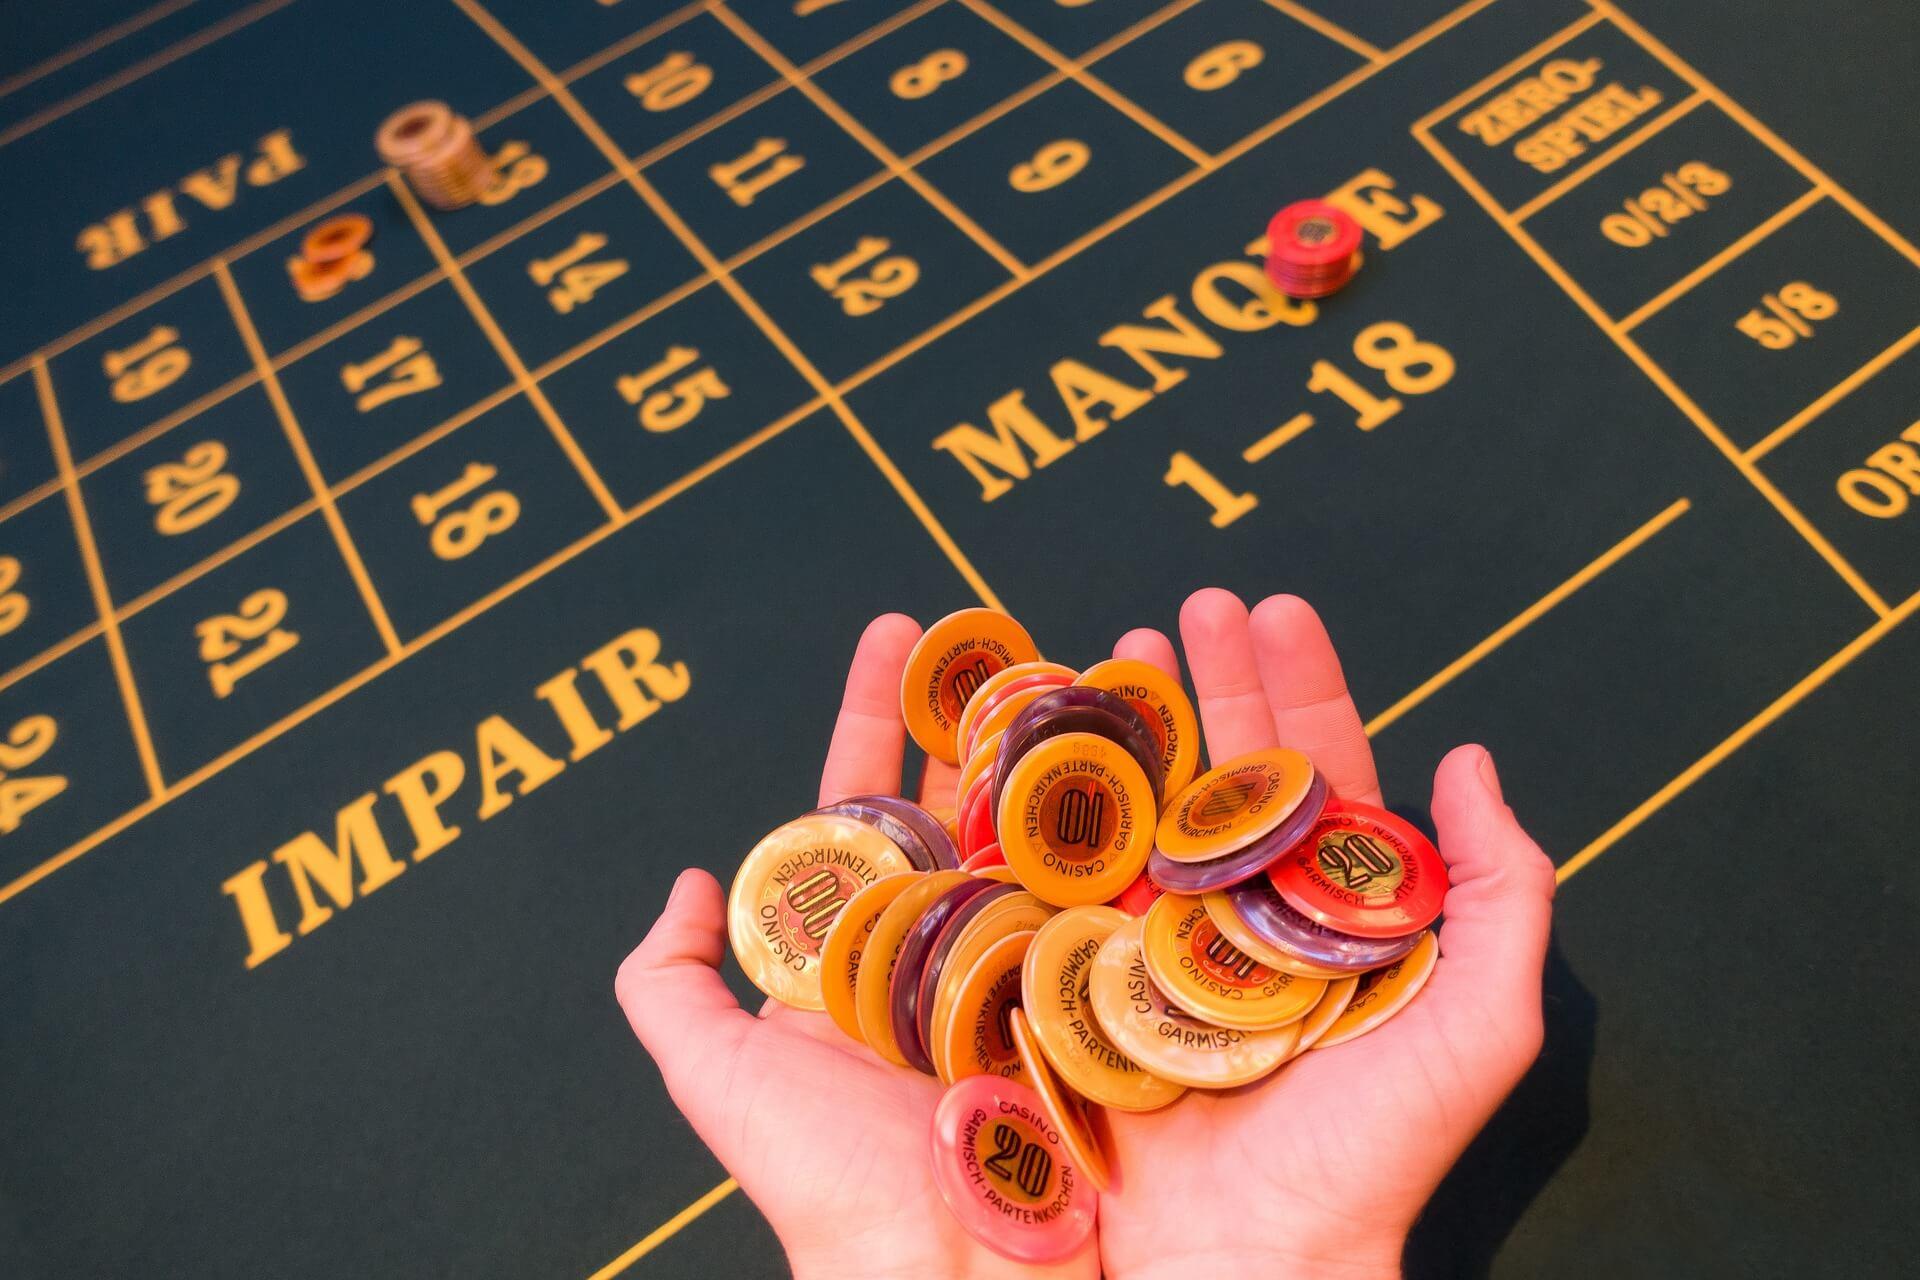 free casino play online münzwert bestimmen